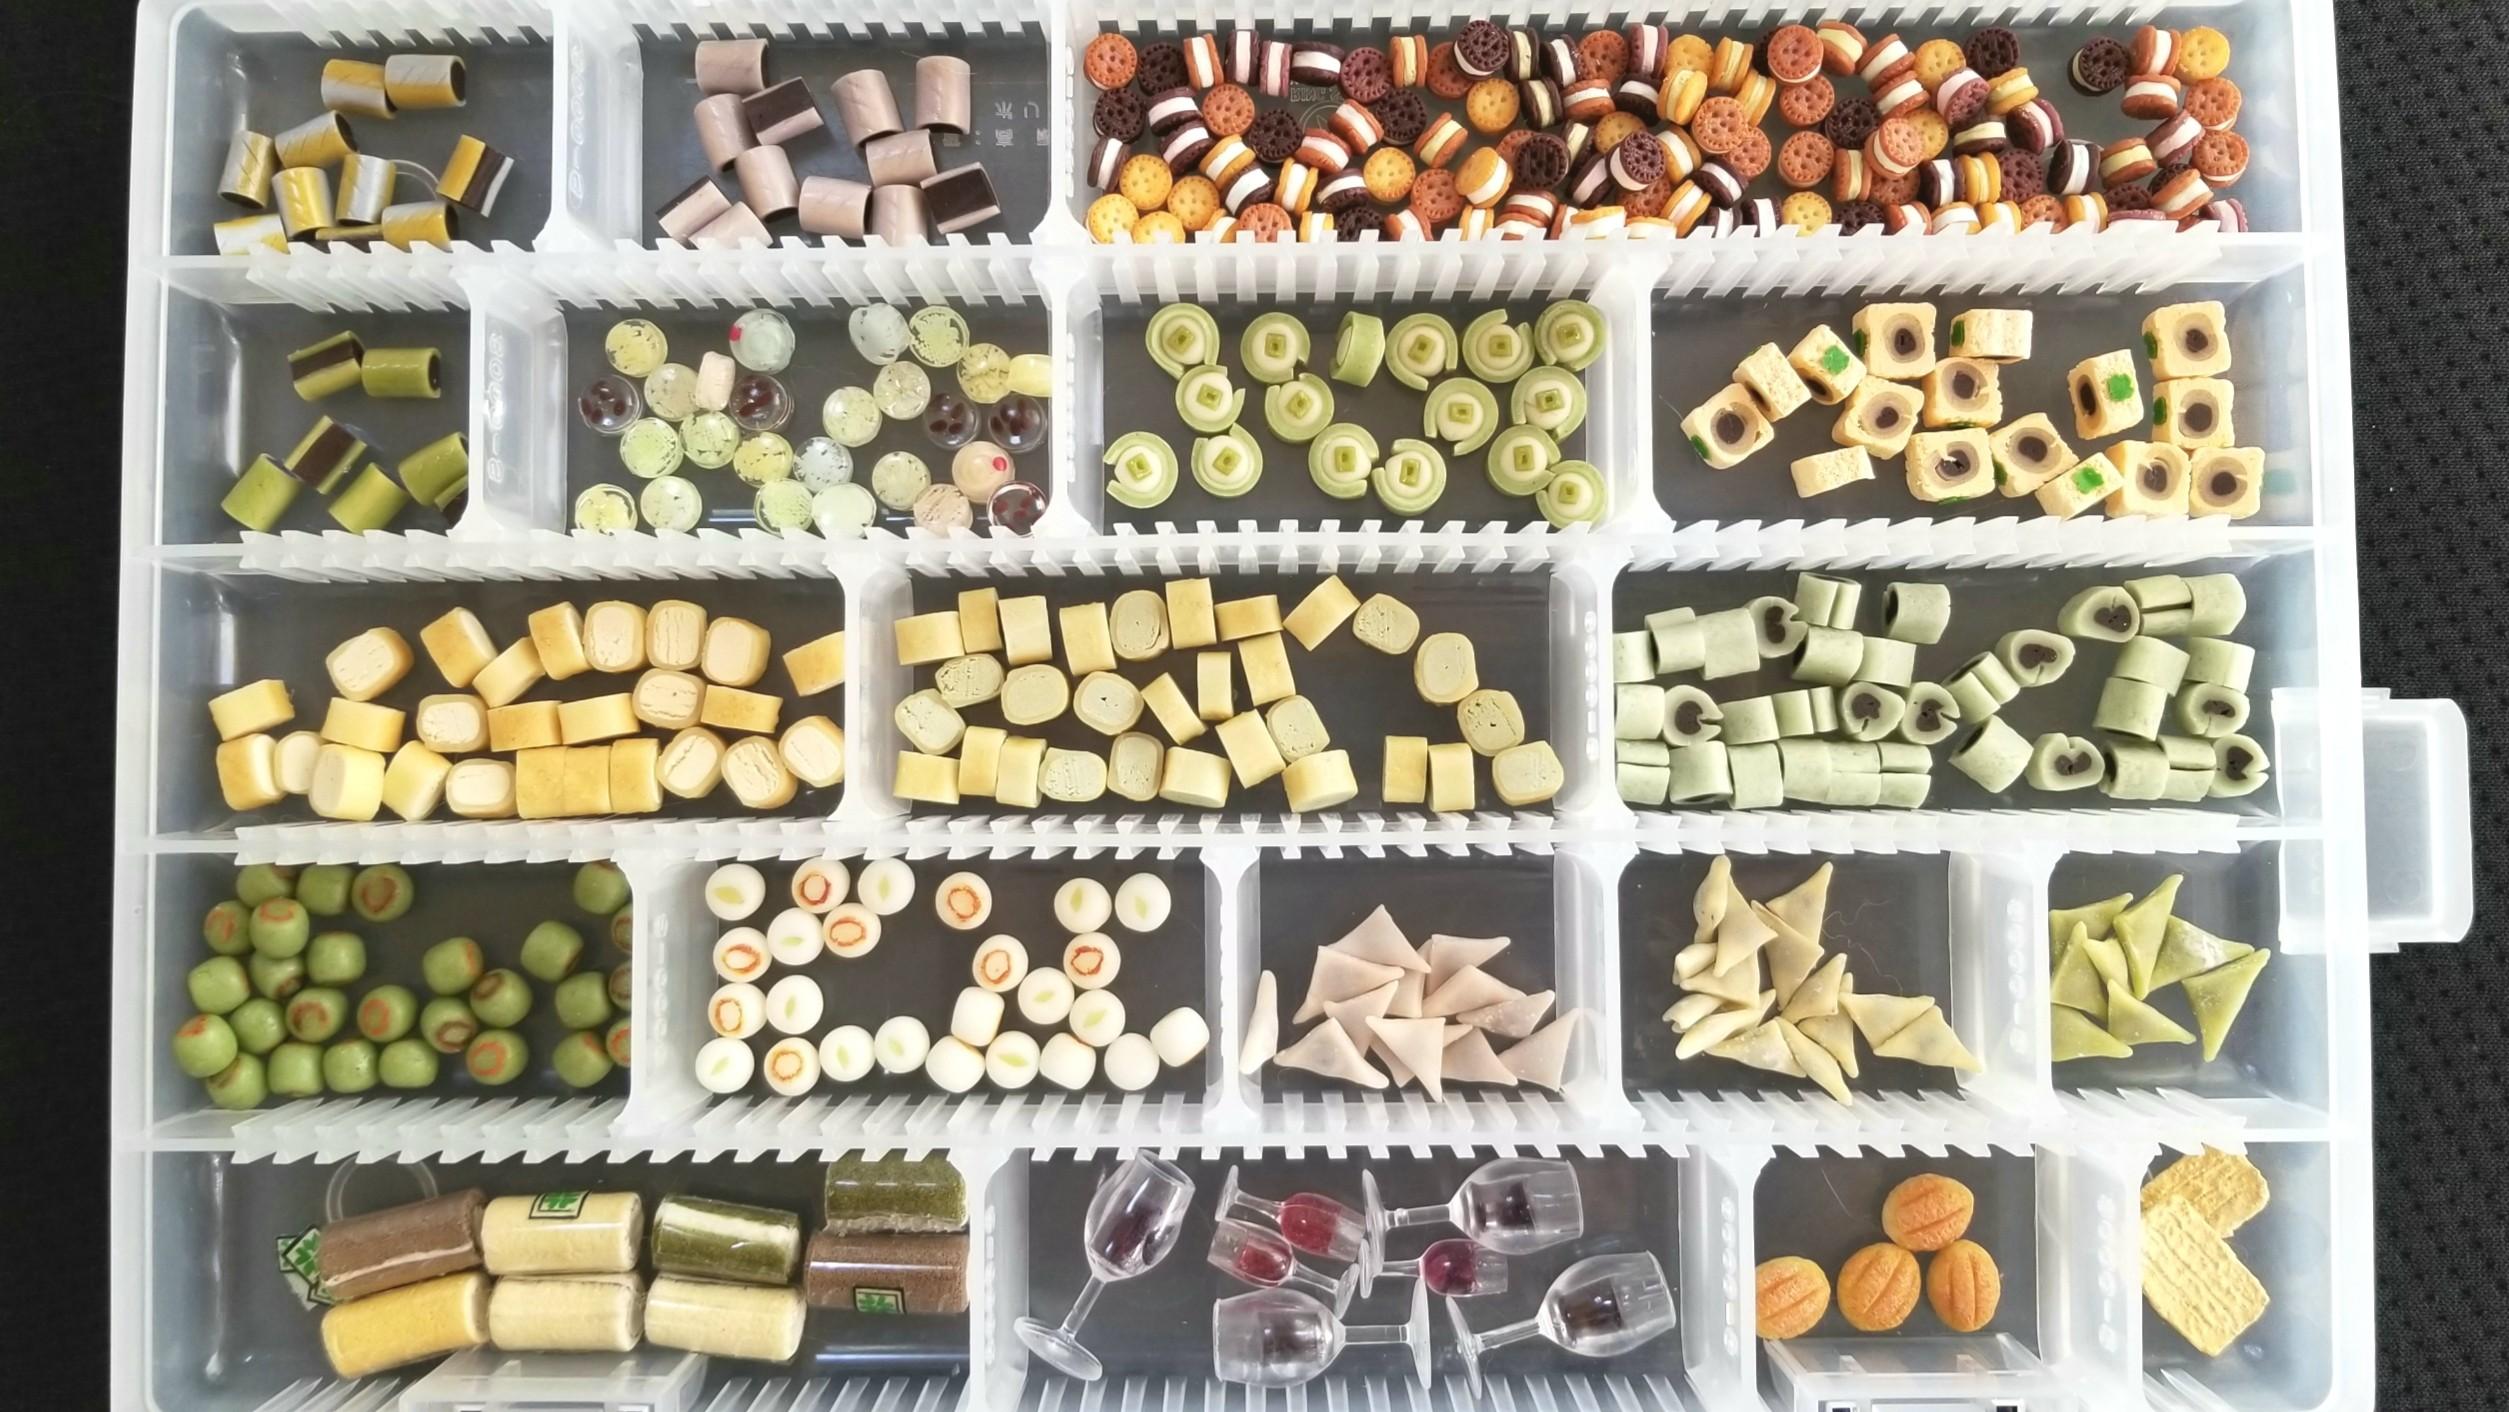 フェイク,量産,大量,ミニチュアフード,樹脂粘土,和菓子,食品サンプル